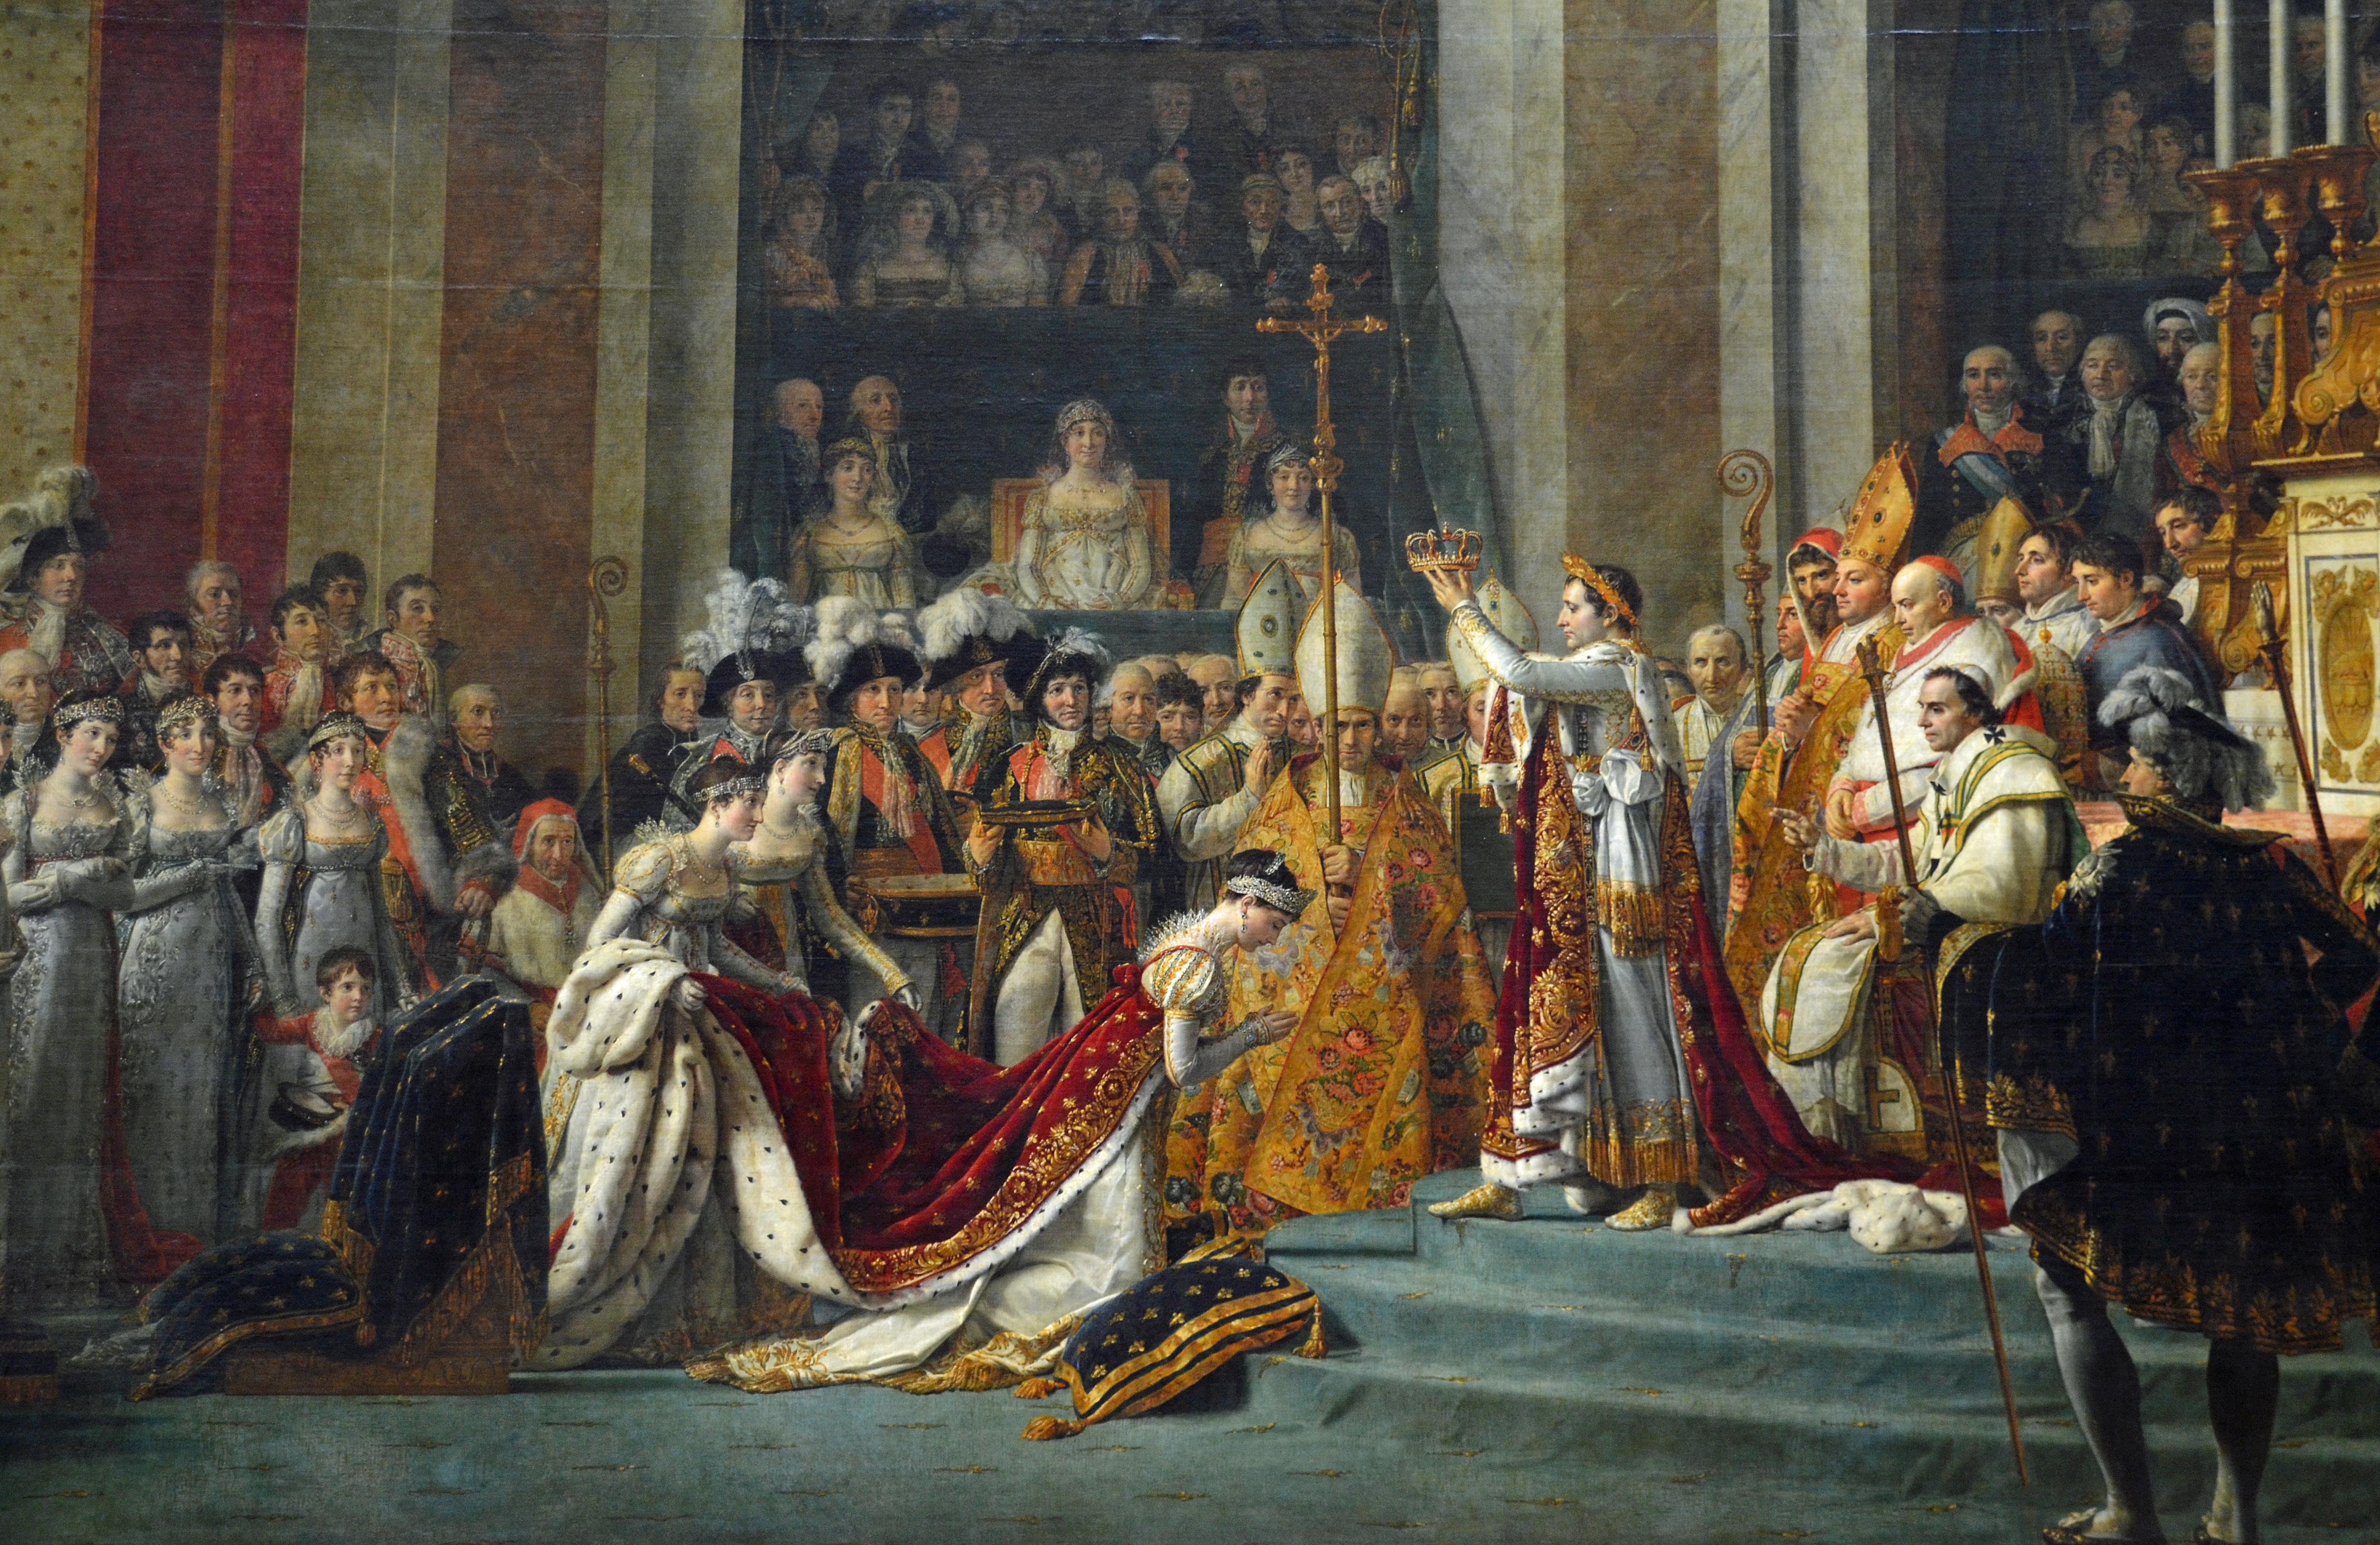 File:Le Sacre de Napoléon, David, 1804.jpg